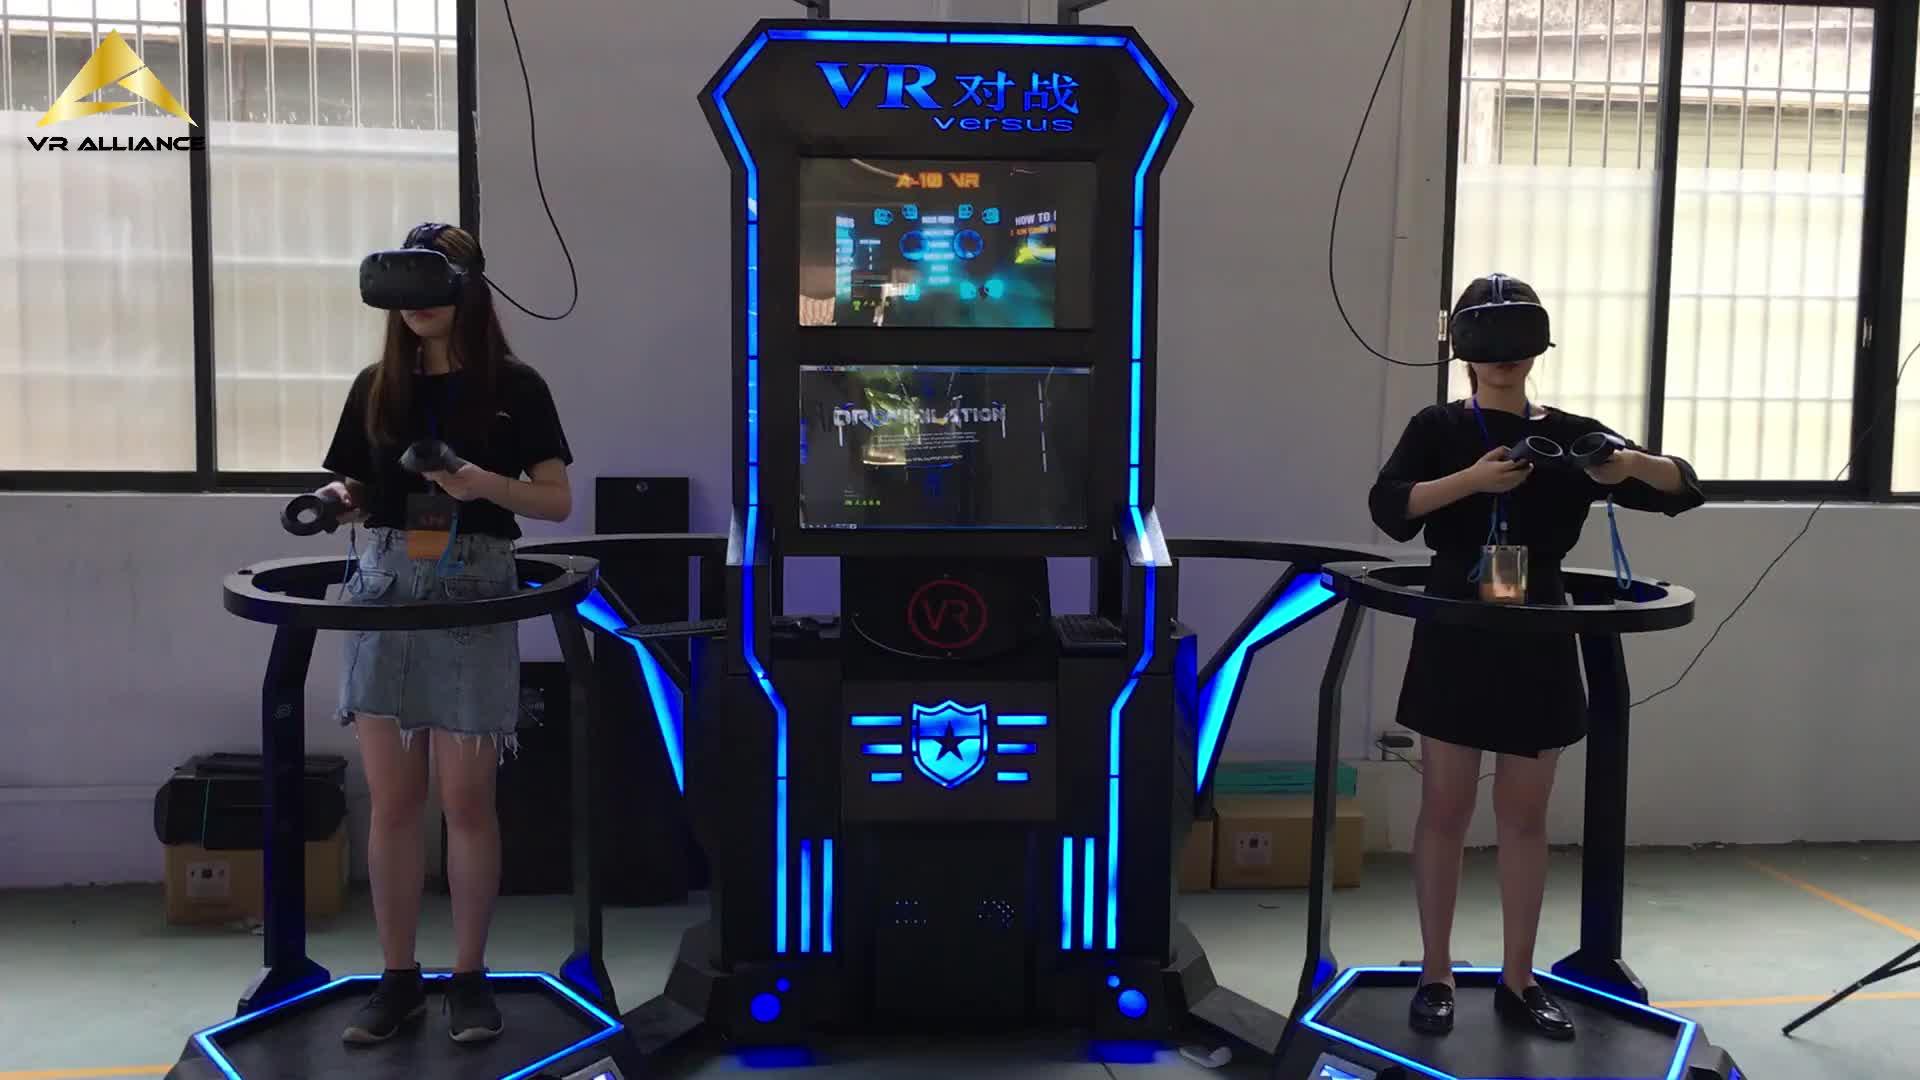 מרובה בעמידה 9d VR ירי קרב פלטפורמת מציאות מדומה ציד ארקייד מכונת משחק סימולטור